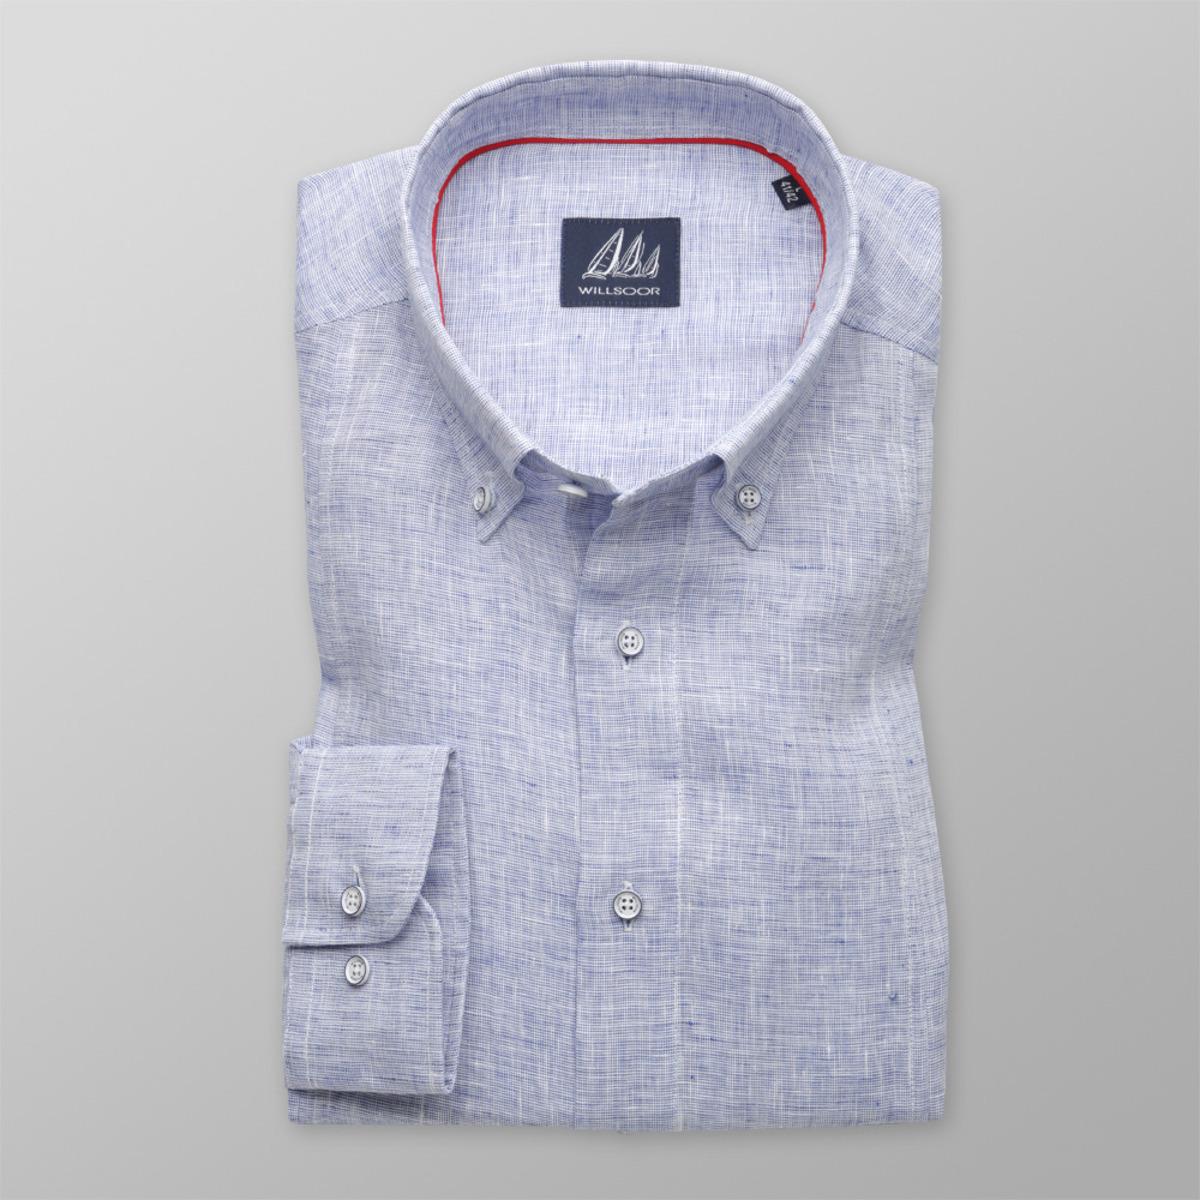 Košeľa Classic (všetky výšky) 9492 188-194 / L (41/42)